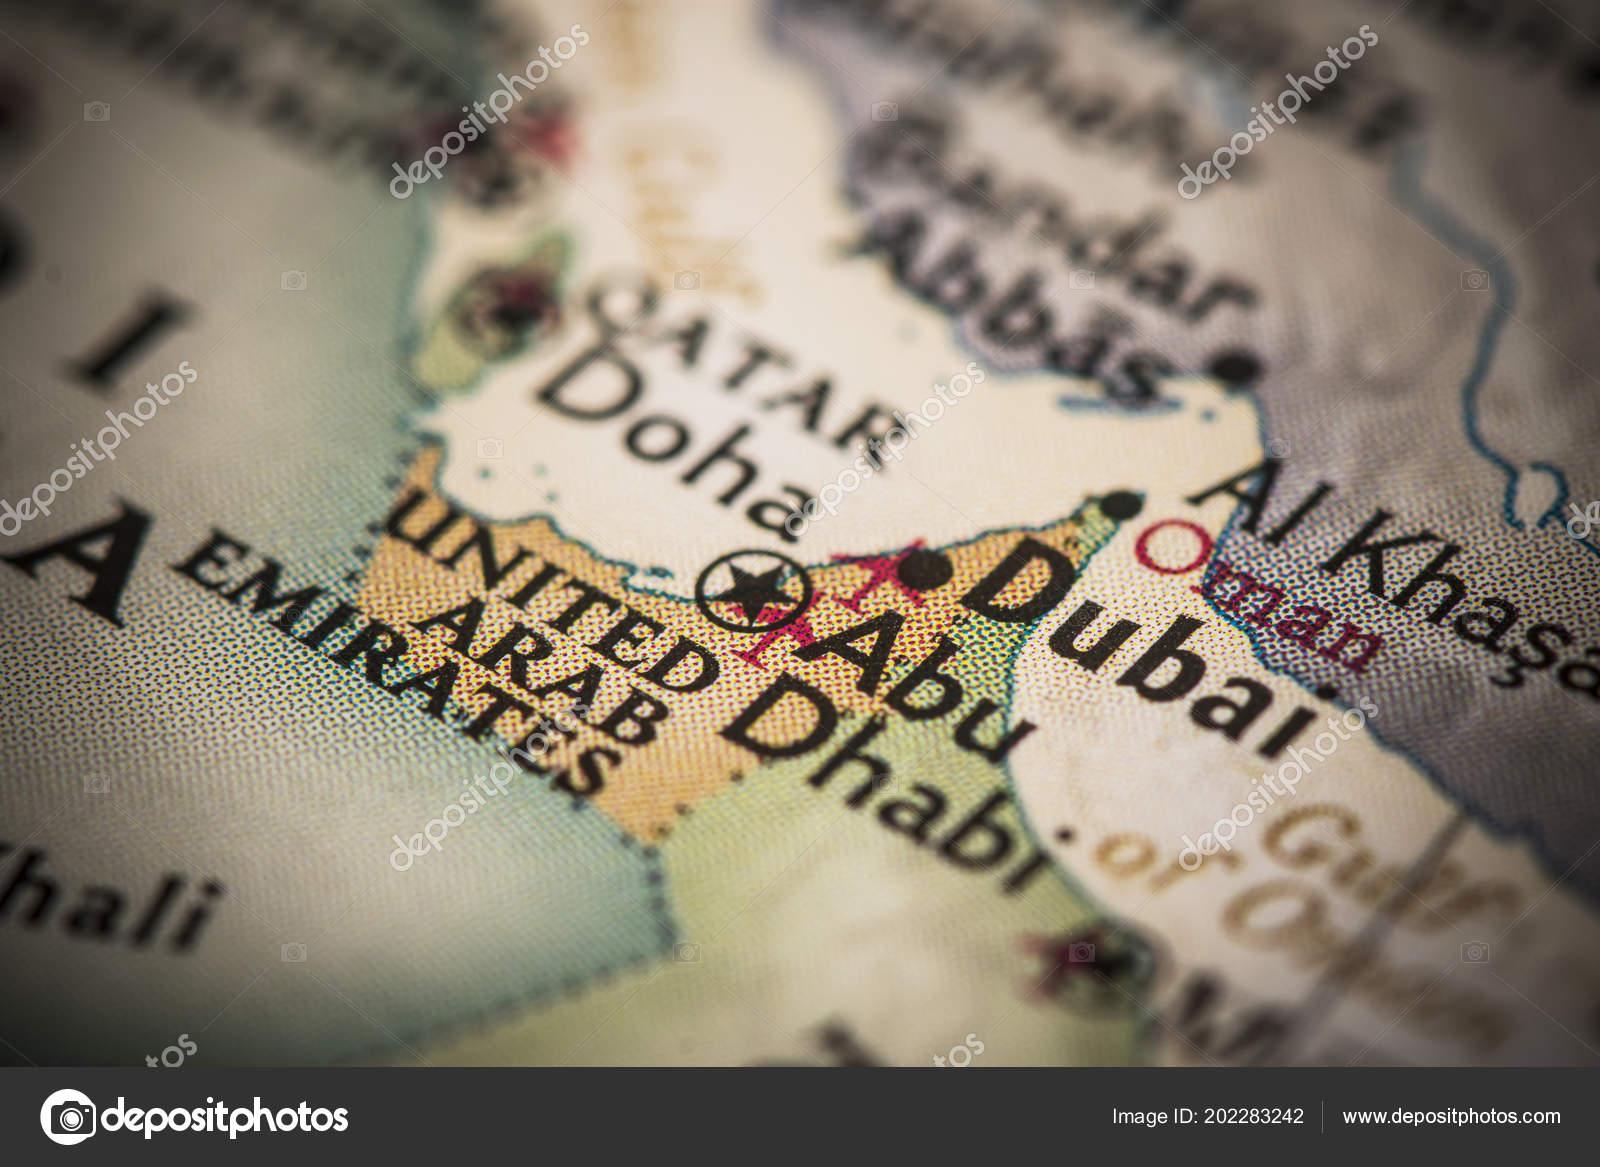 Dubai United Arab Emirates World Map — Stock Photo © icemanj #202283242